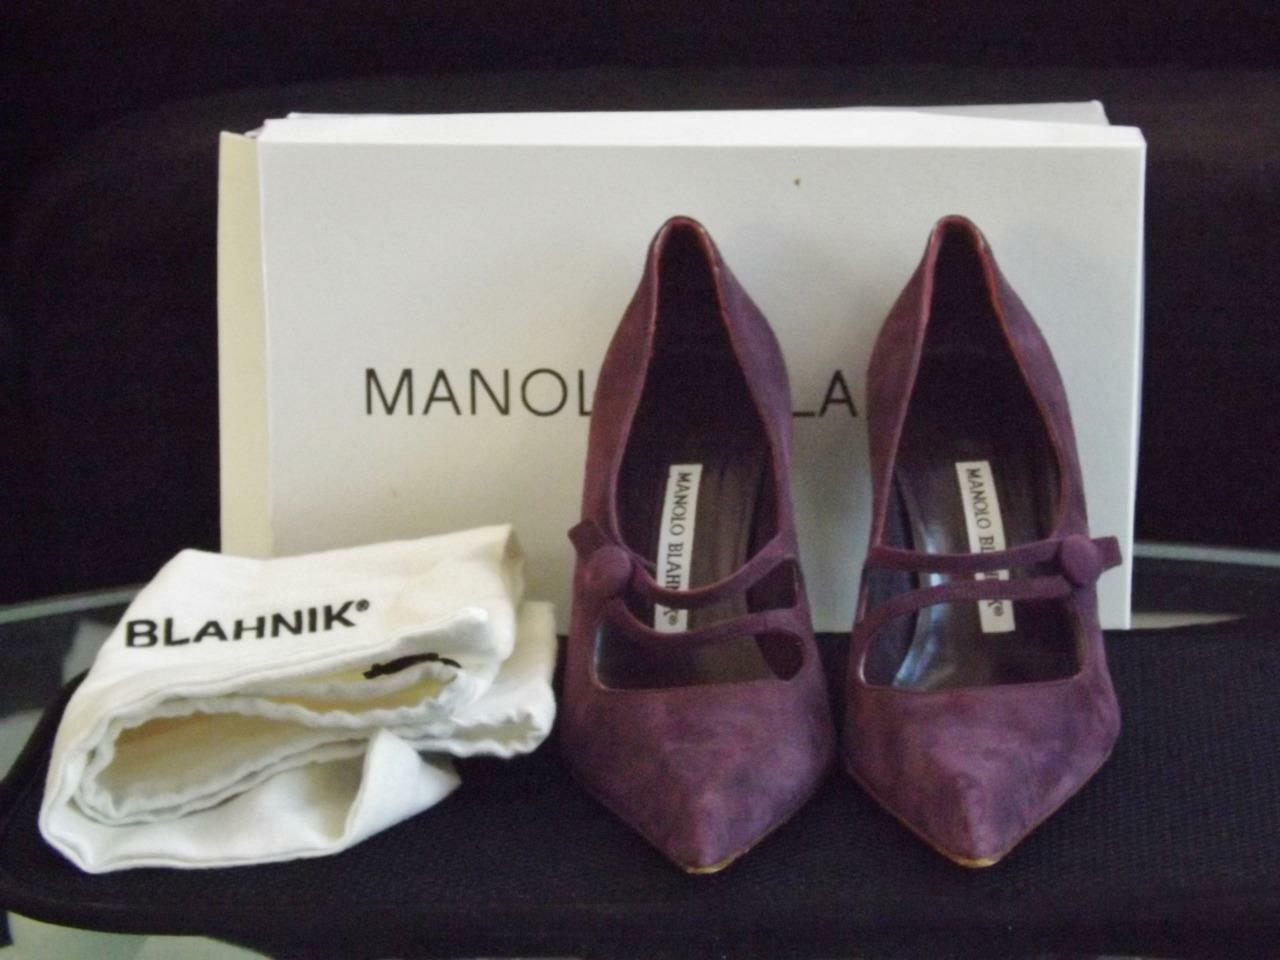 Manolo Blahnik violet Suede High Heel chaussures Pumps 6.5 Pointed Toe 3.5  Heel Box